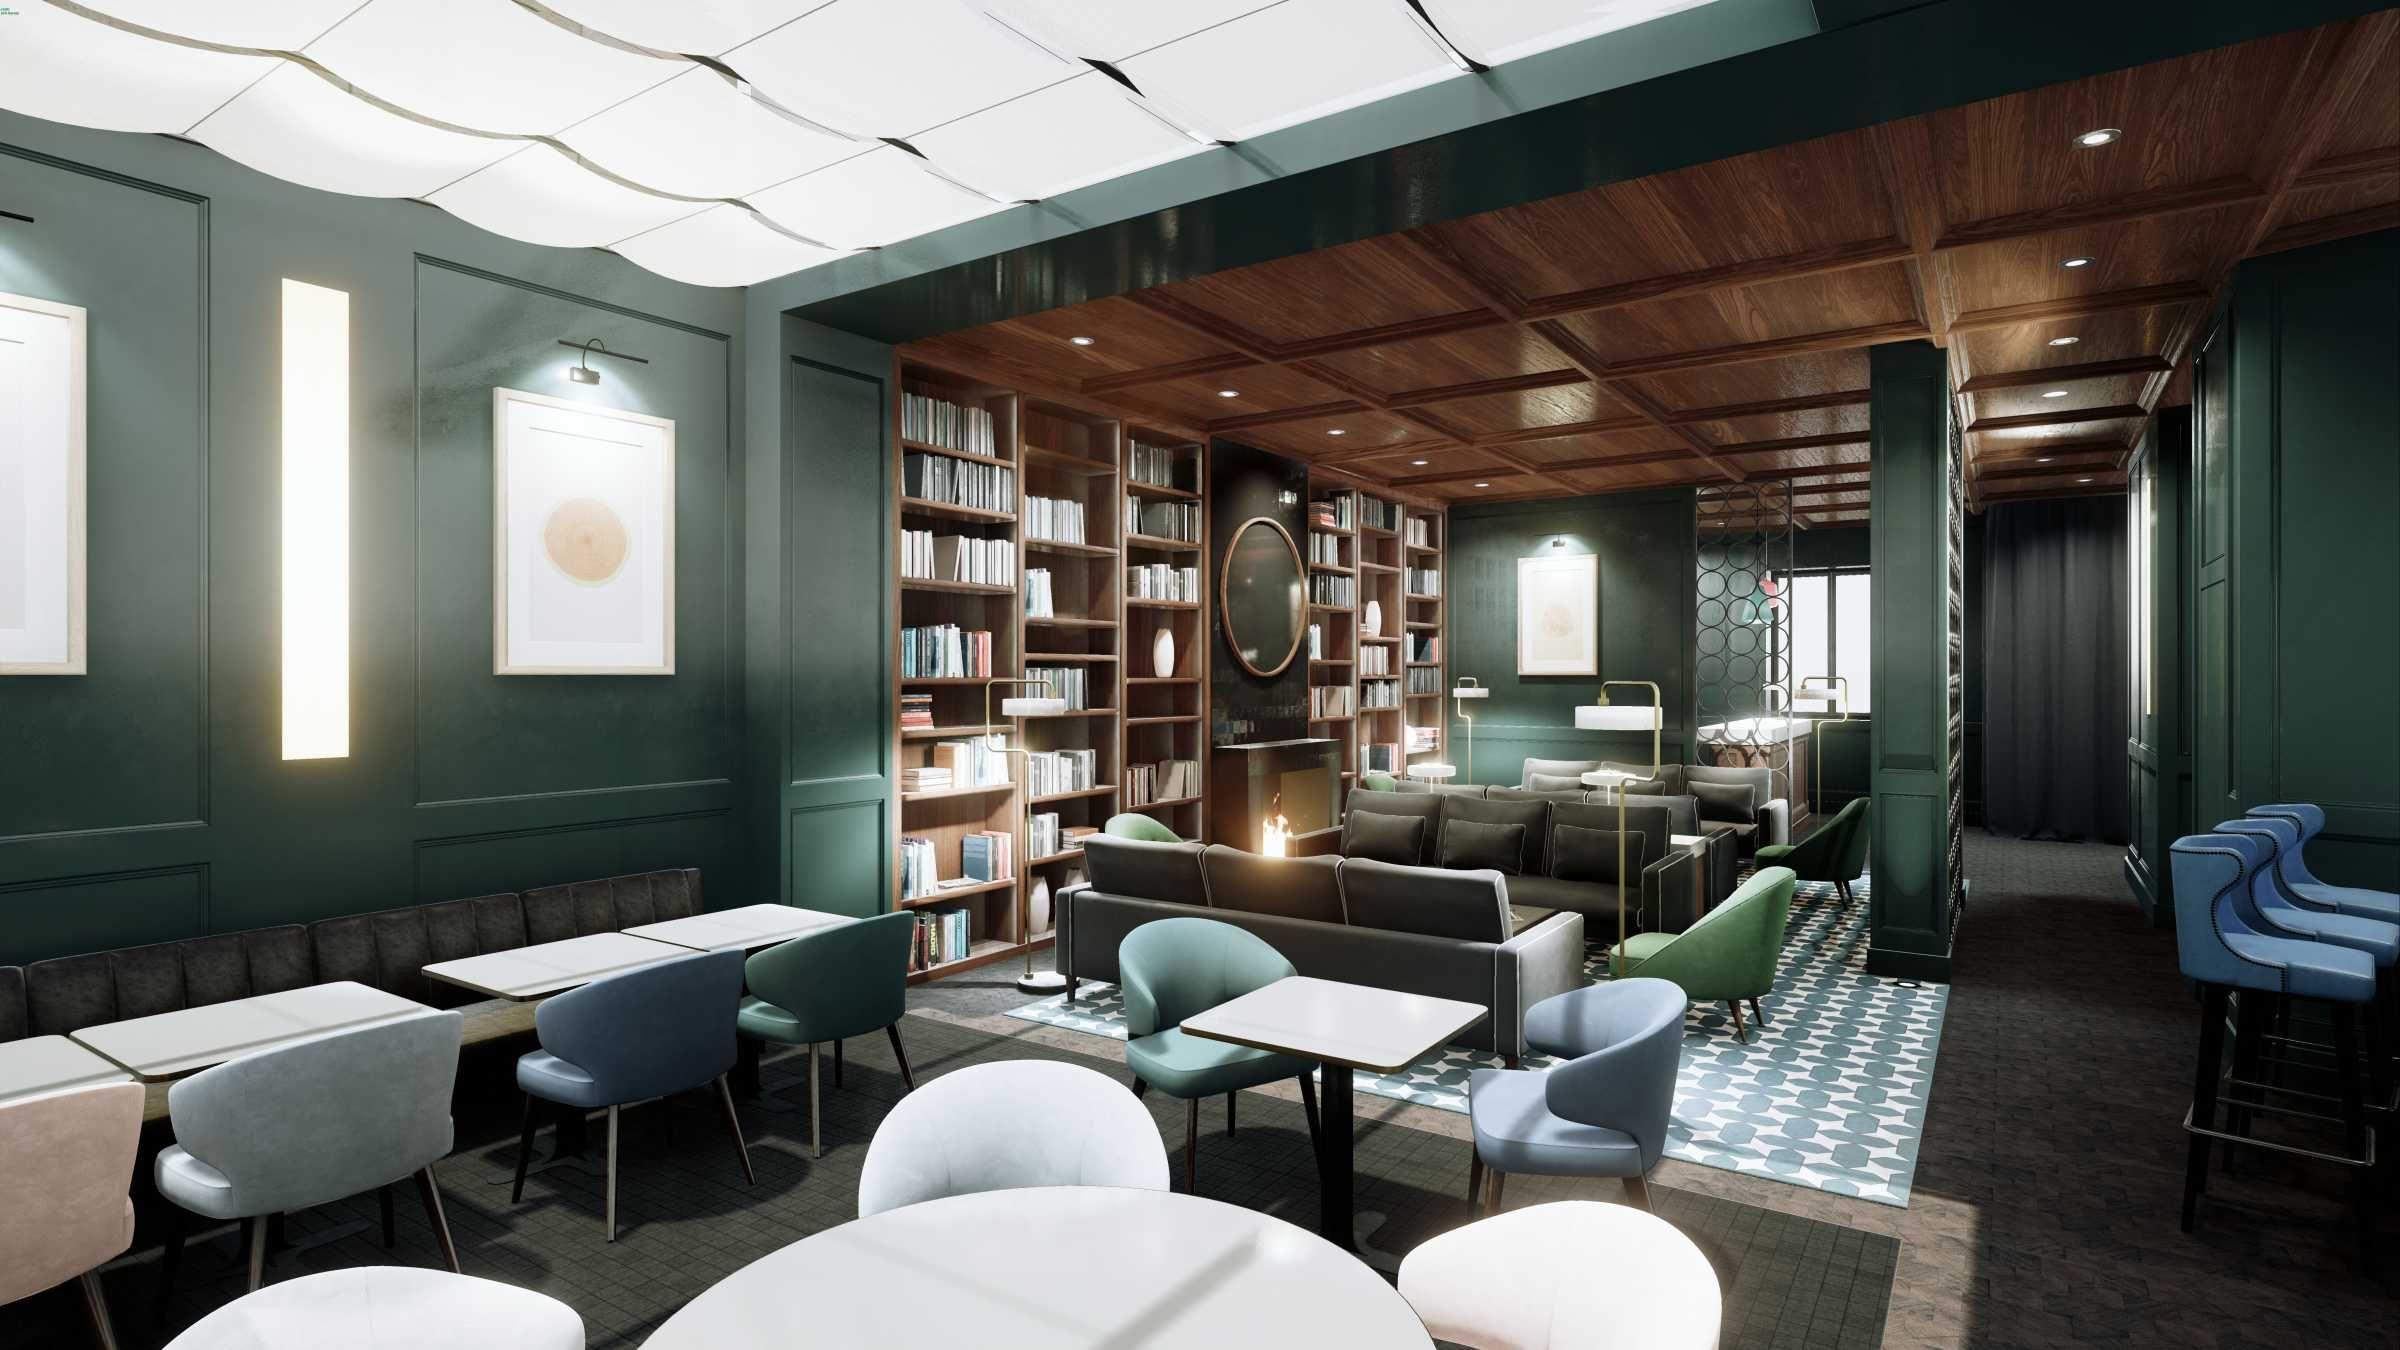 Le Roch Hotel & Spa Classic Luxury In Heart Of